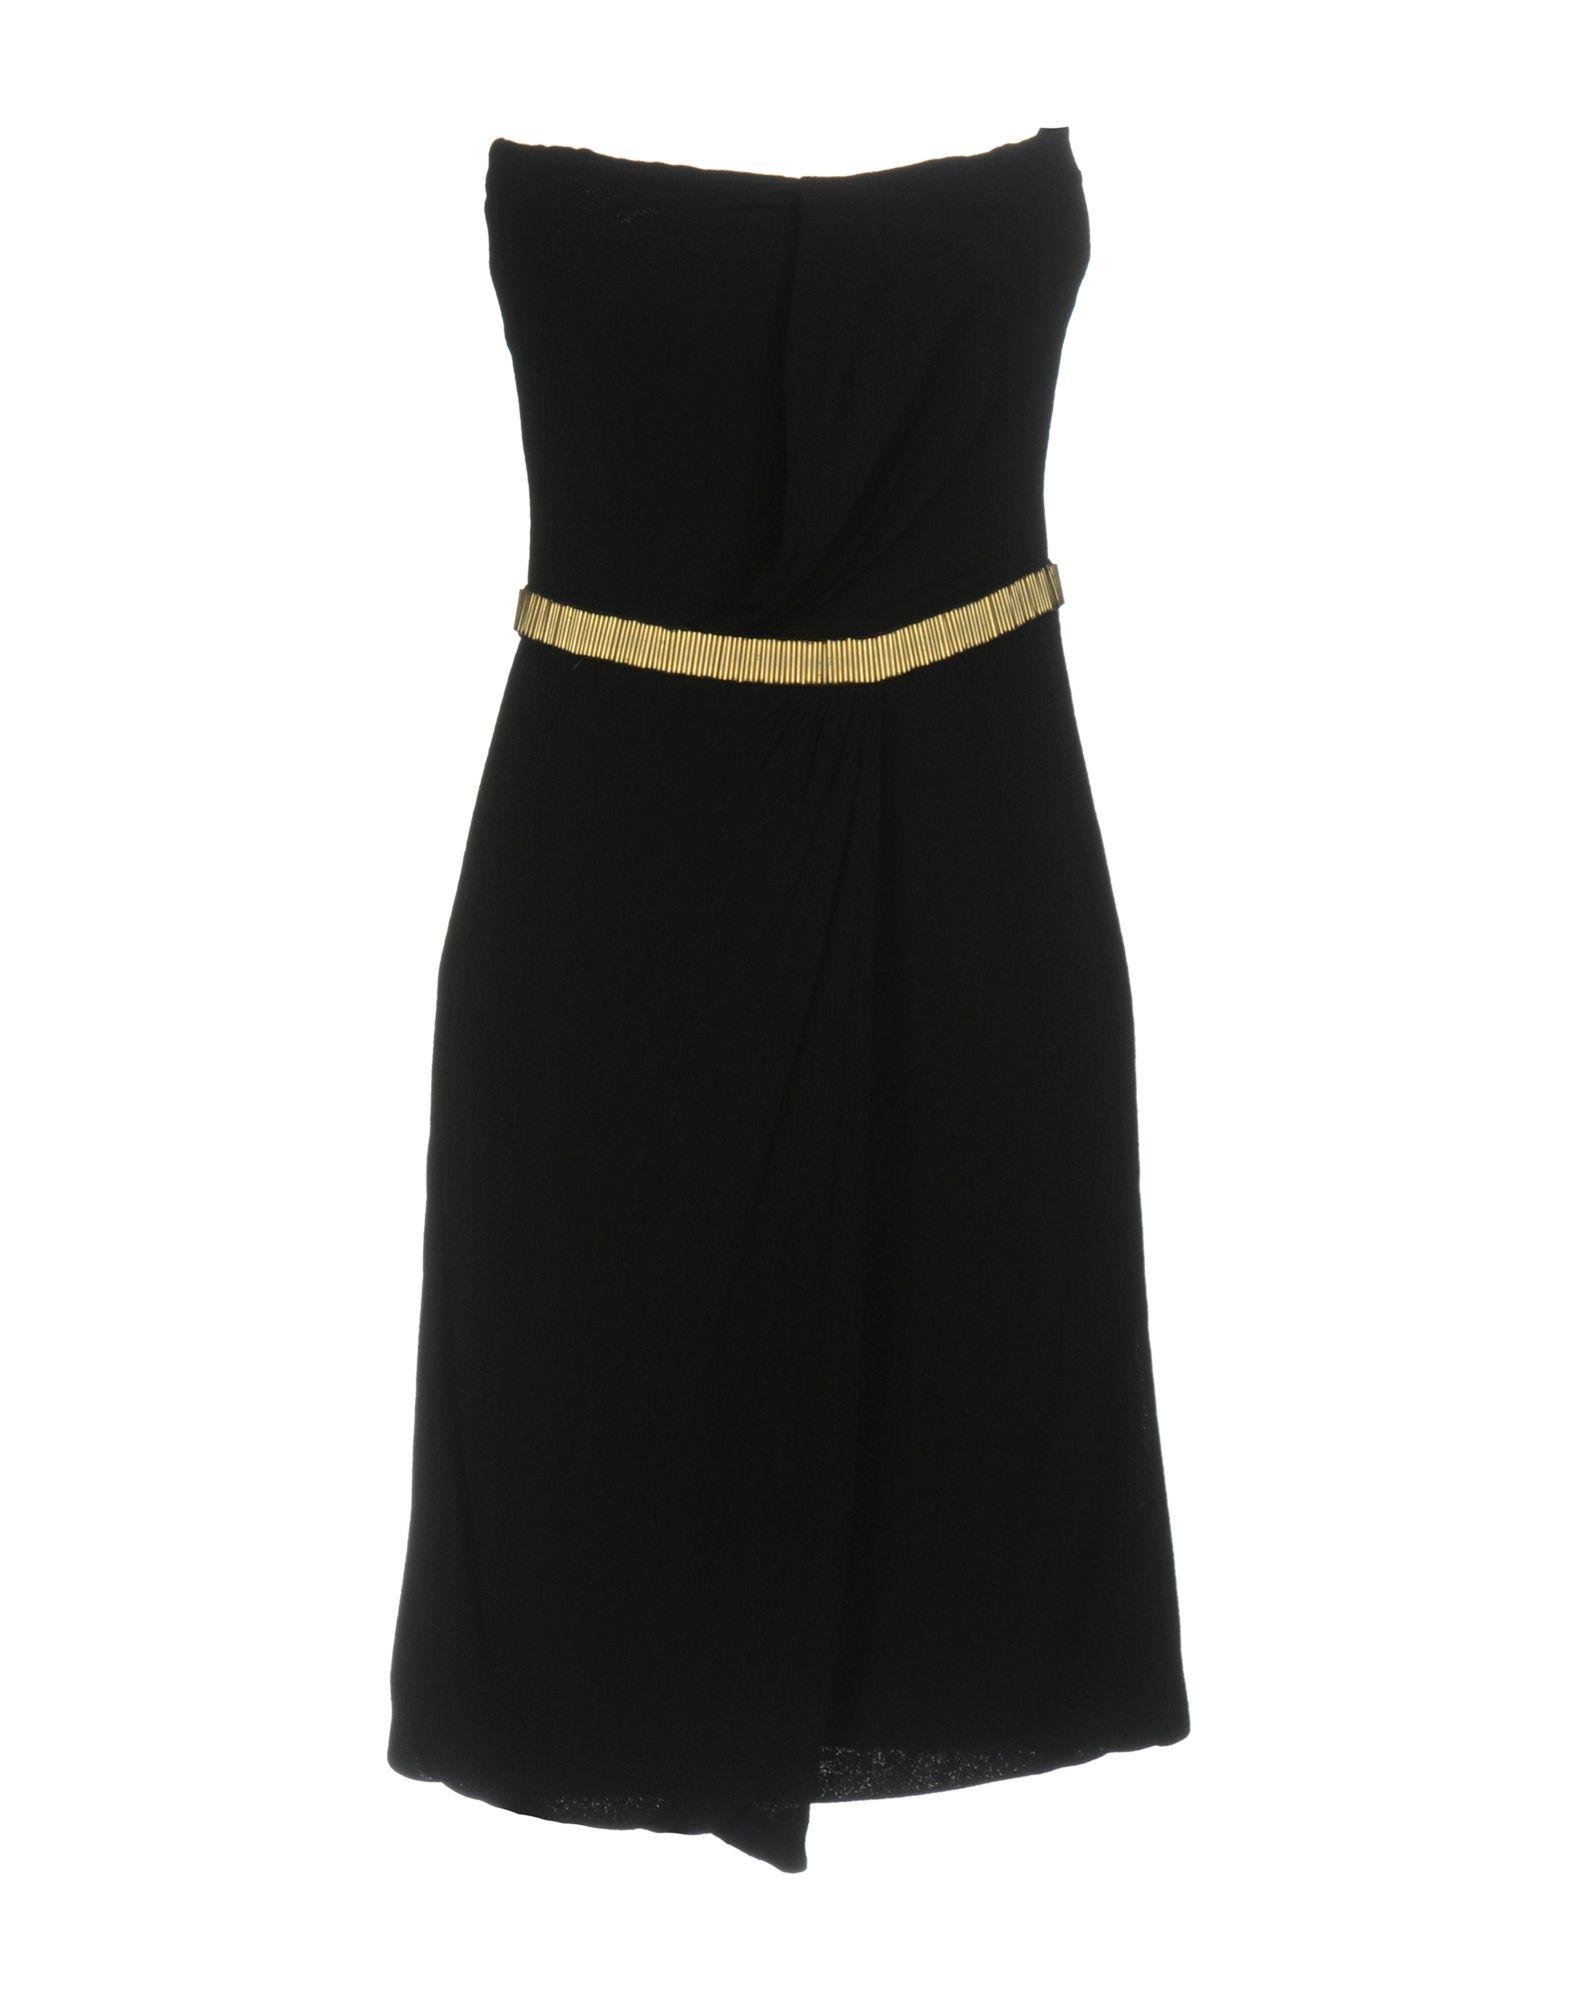 GUCCI Damen Kurzes Kleid Farbe Schwarz Größe 3